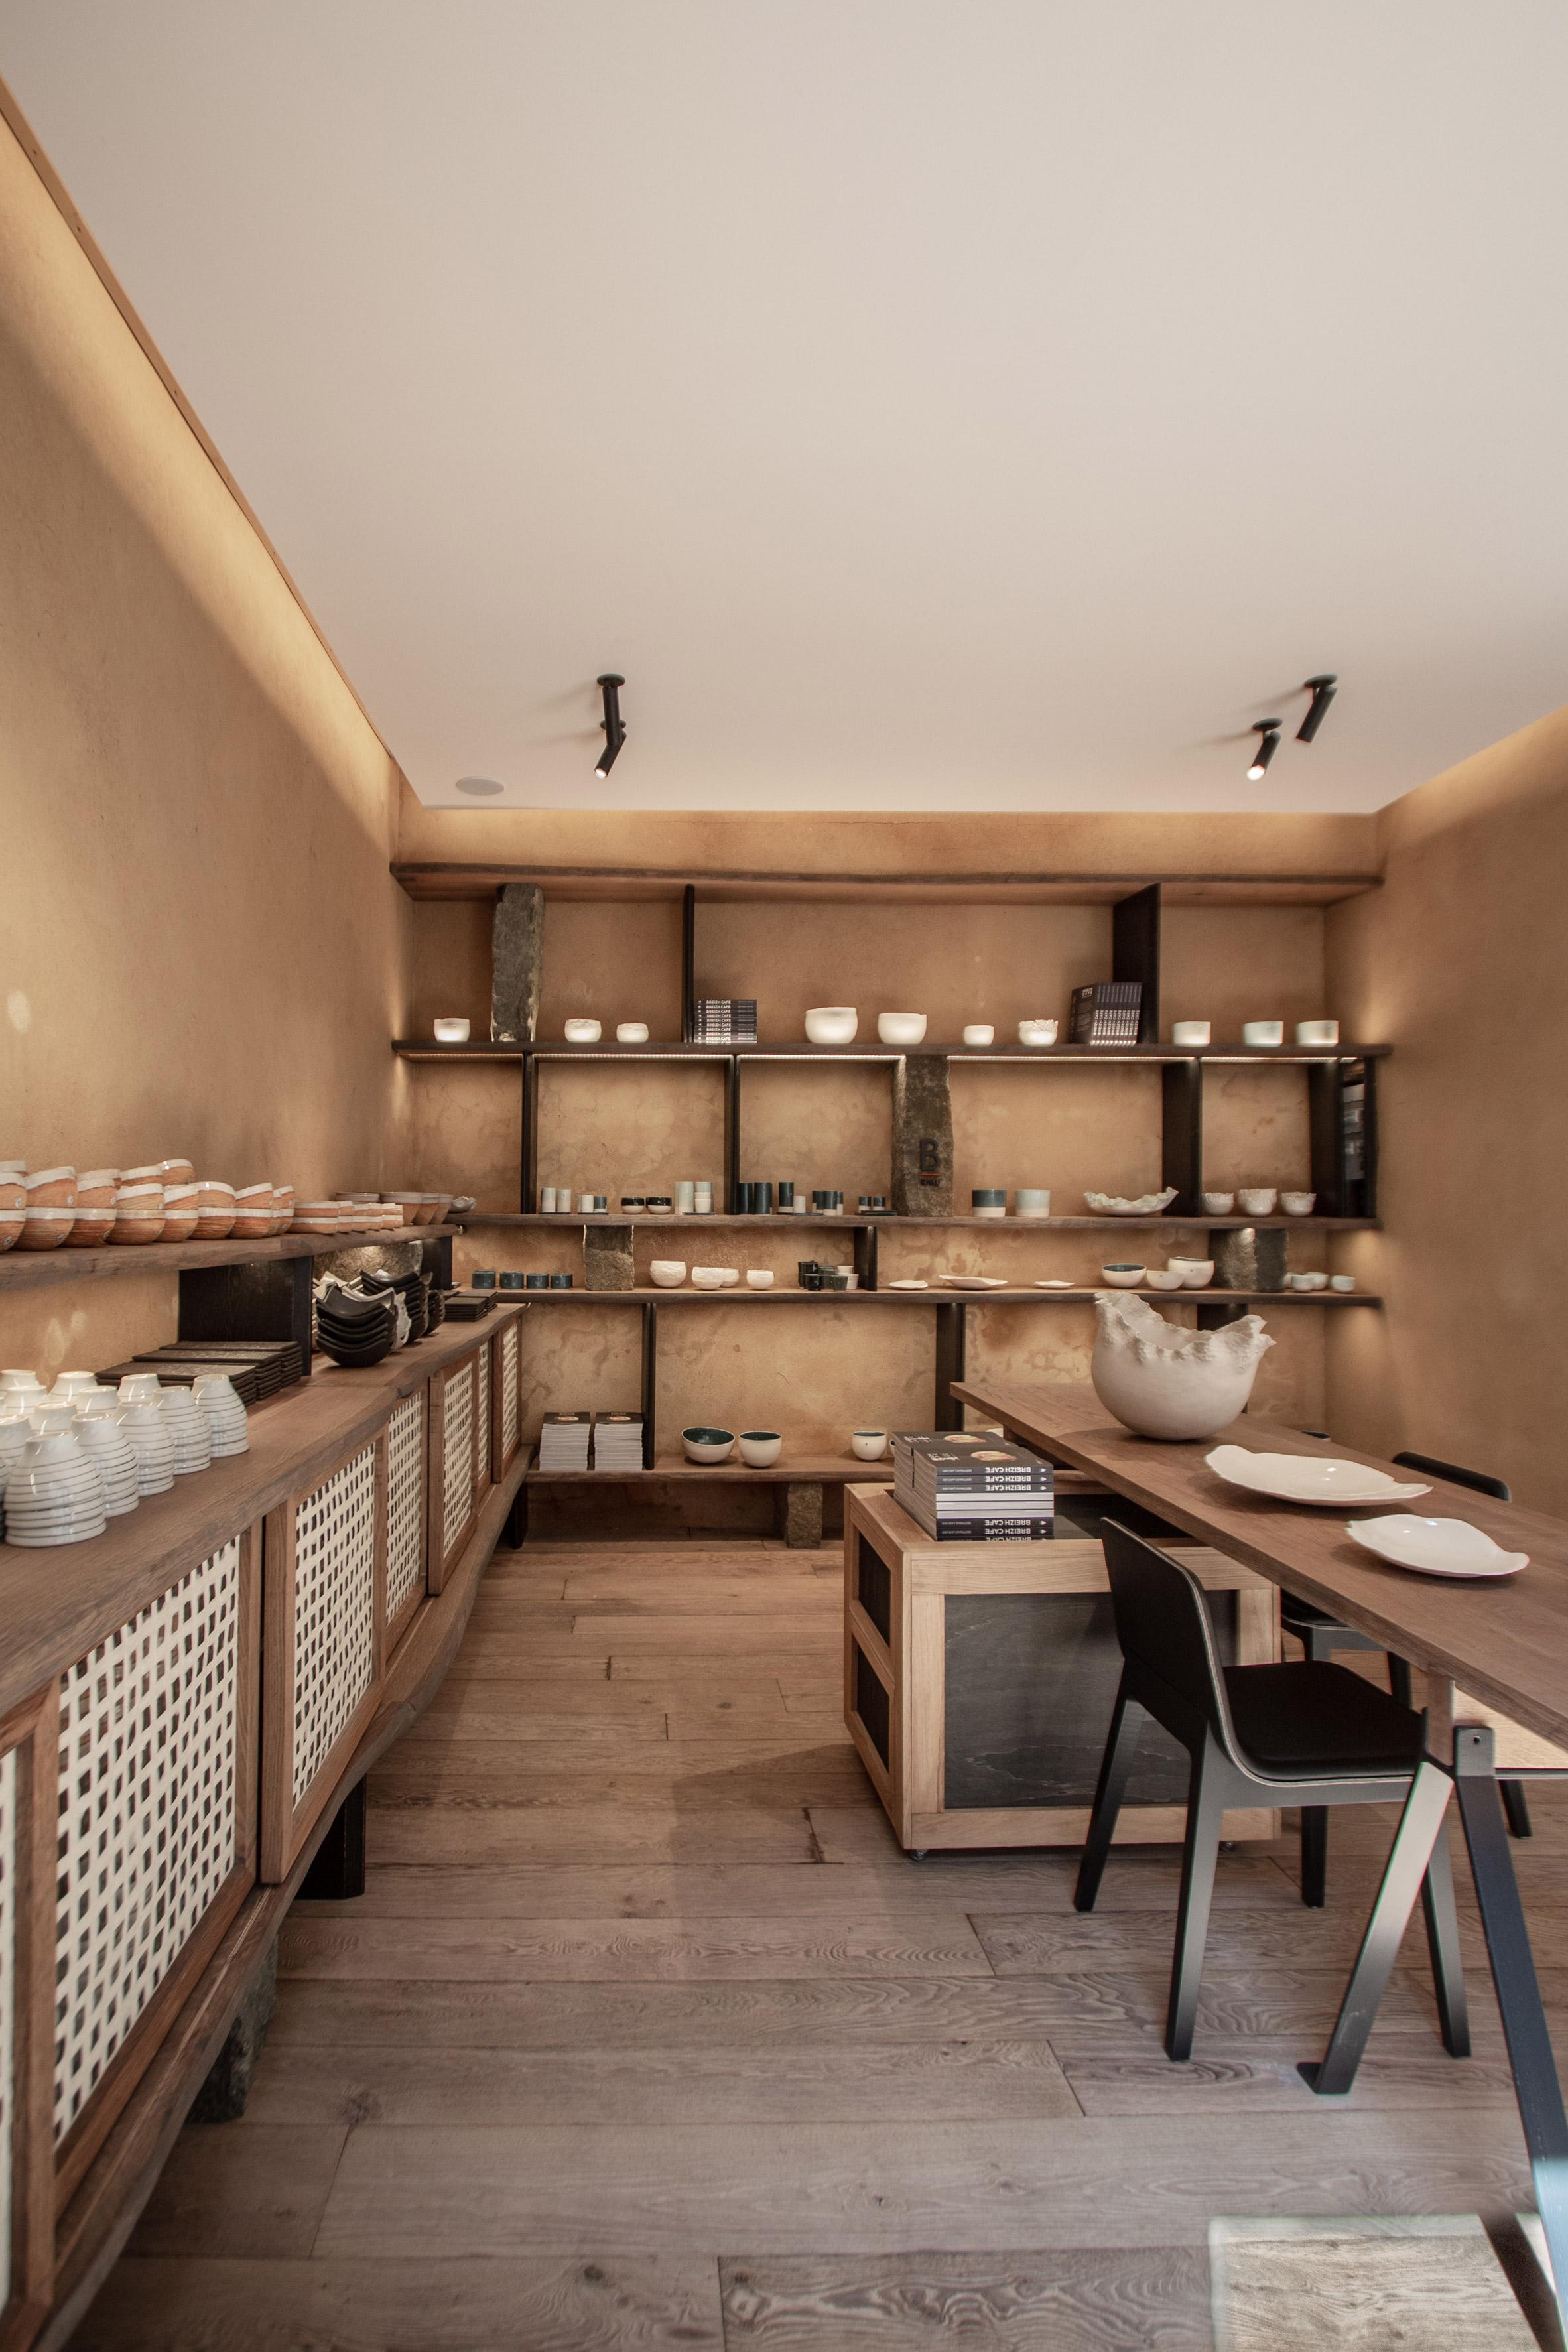 cửa hàng gốm sứ Guilaume Terver-elledecoration vn 11